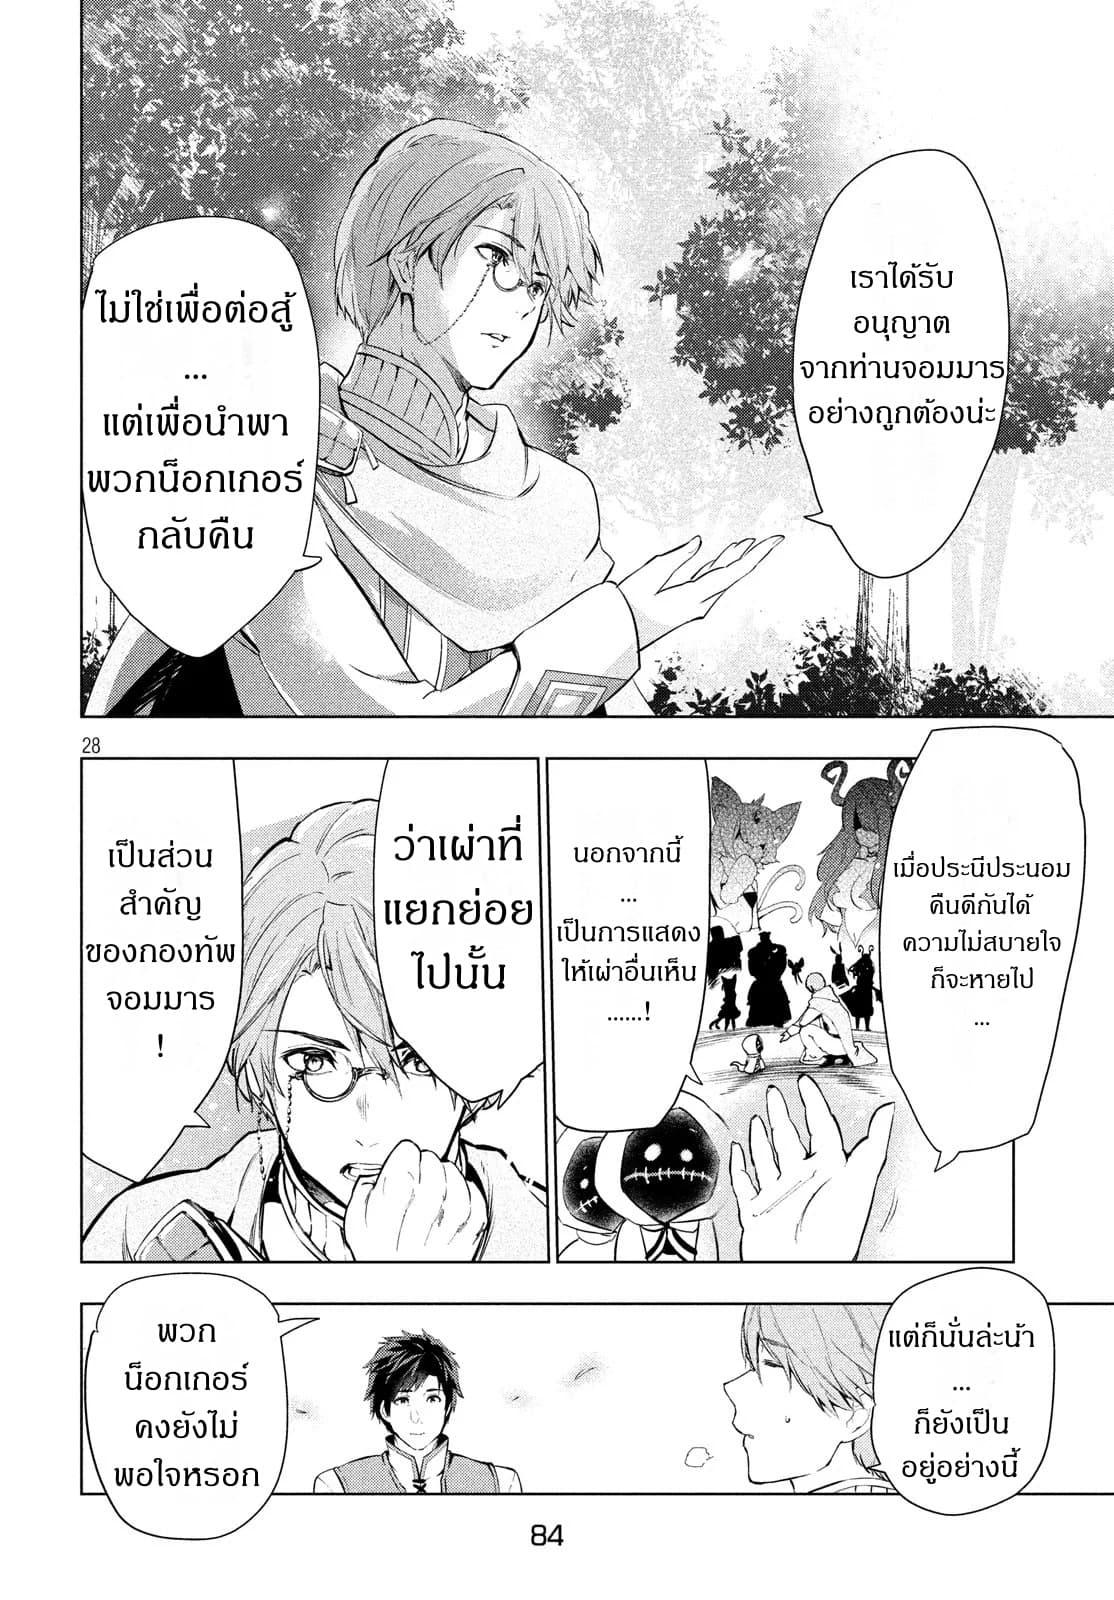 อ่านการ์ตูน Kaiko sareta Ankoku Heishi (30-dai) no Slow na Second ตอนที่ 8.2 หน้าที่ 8